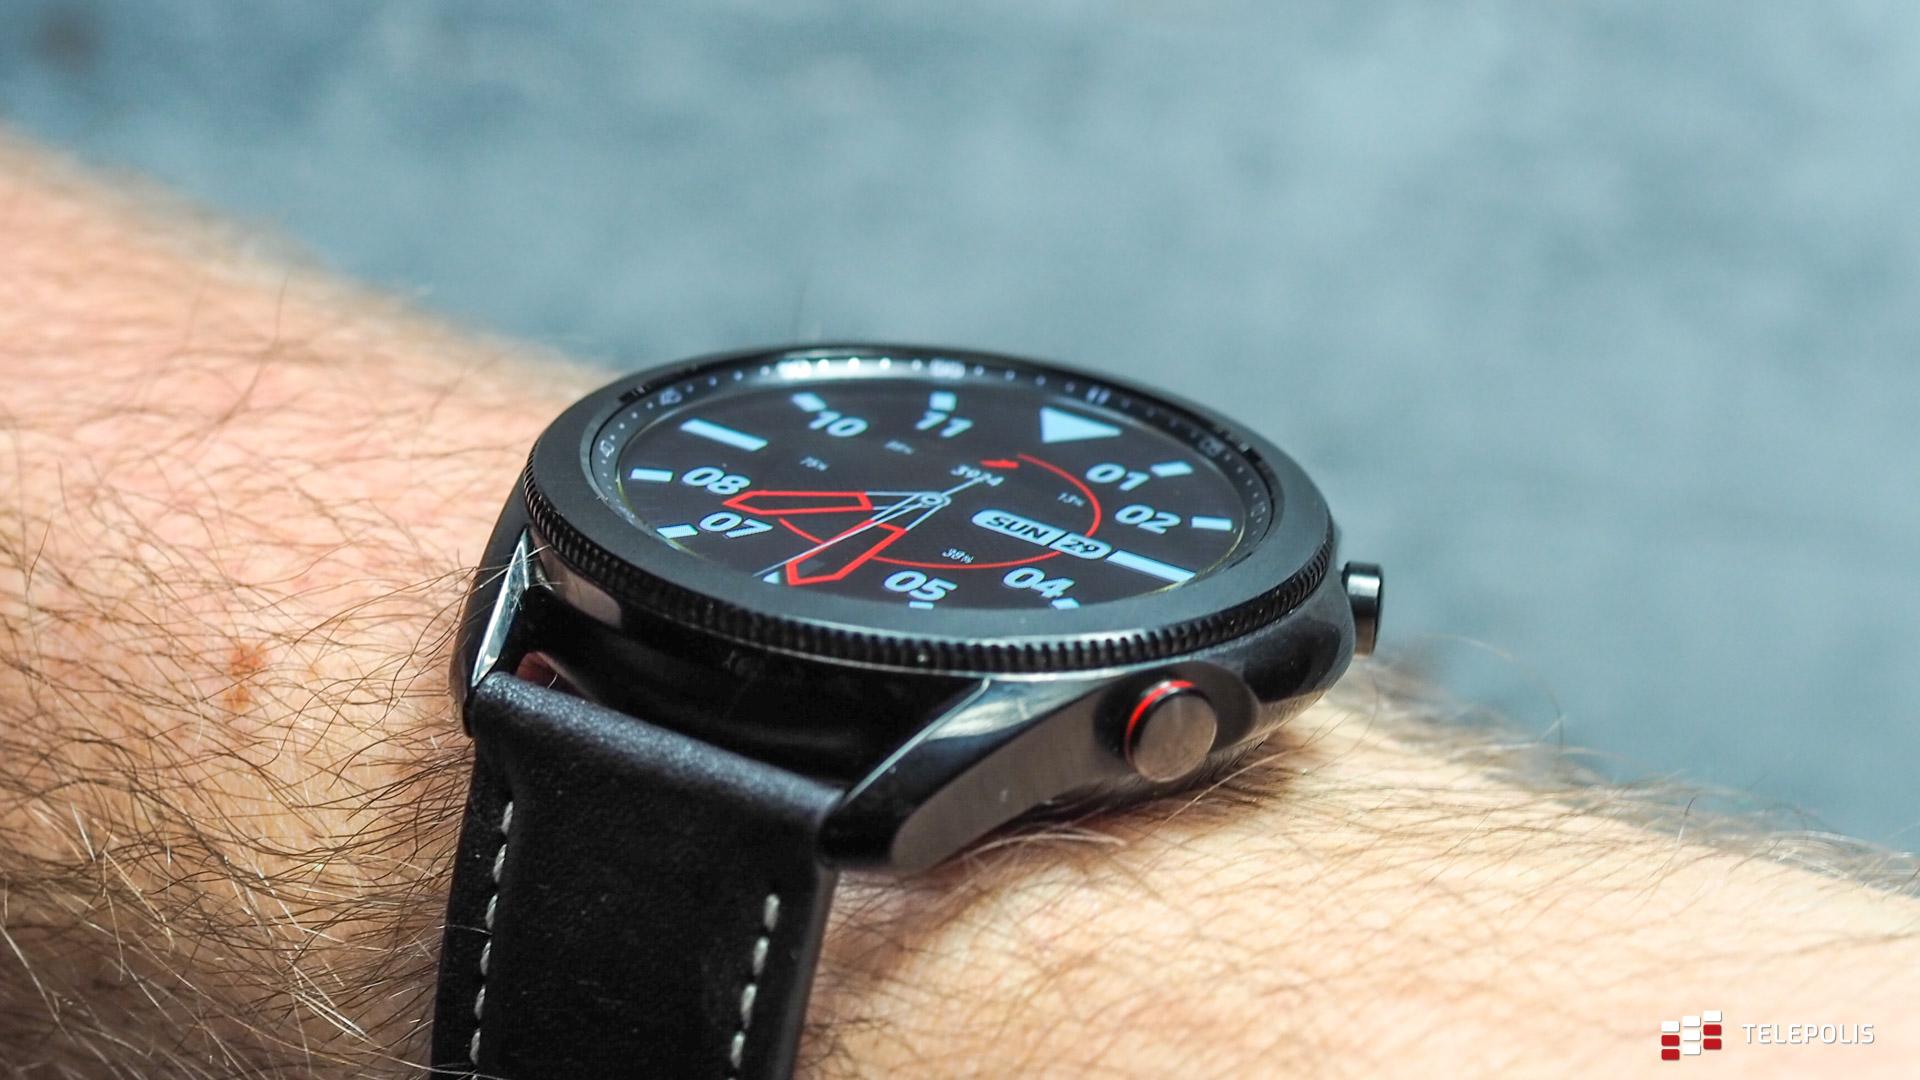 Żegnaj, Tizen. Witaj Wear OS. Zegarki Galaxy Watch z systemem Google?